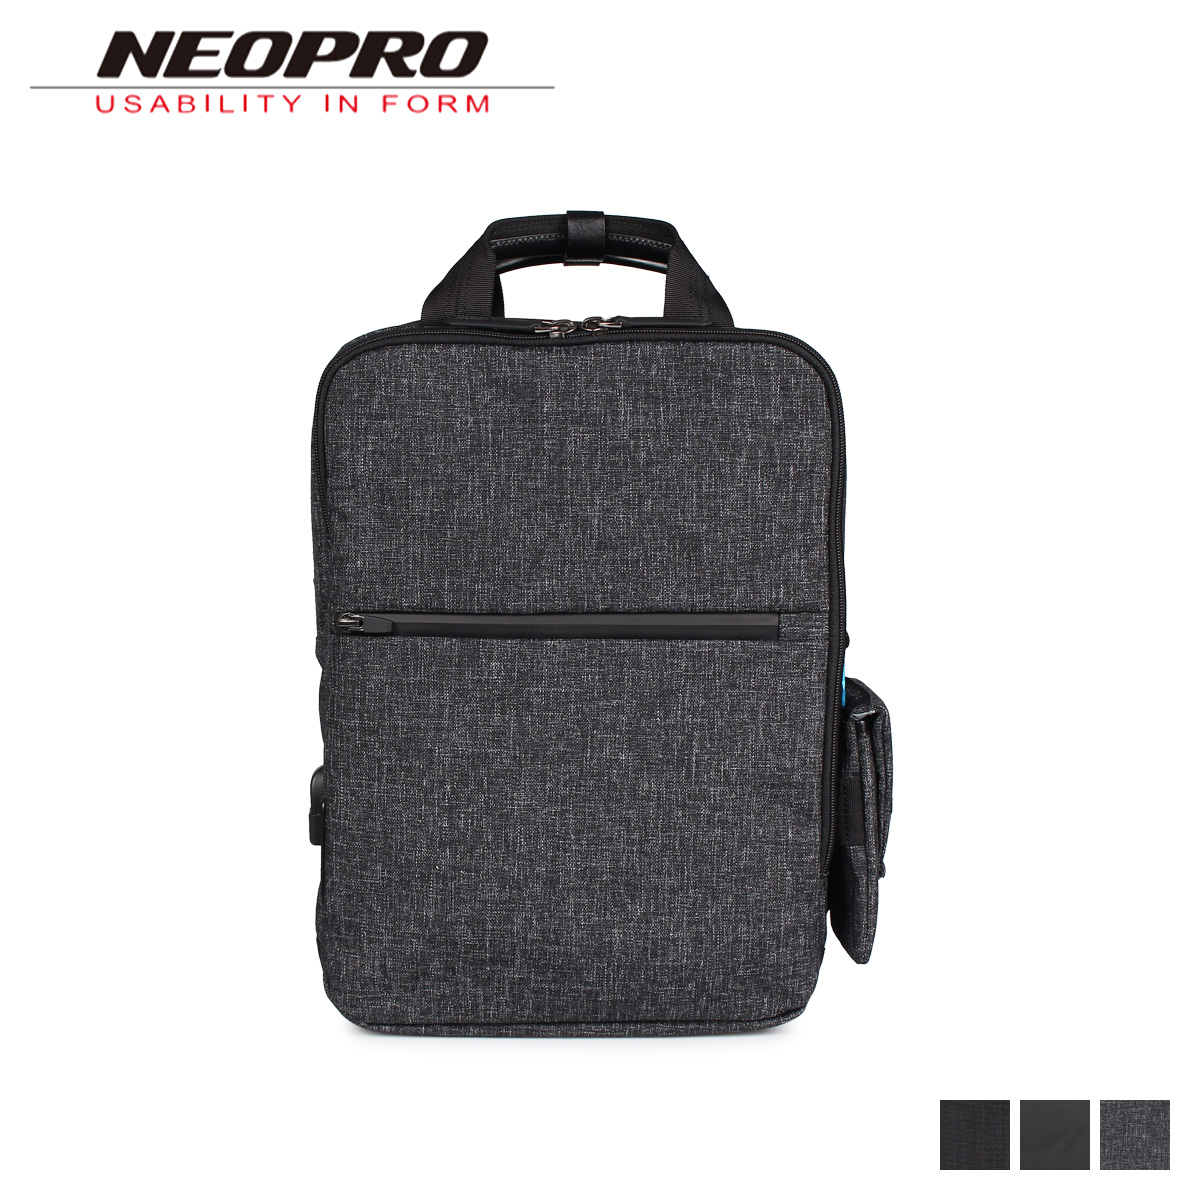 NEOPRO CONNECT ネオプロ リュック バック バックパック ビジネスバッグ メンズ 2WAY ブラック 黒 2-770 [11/27 新入荷]